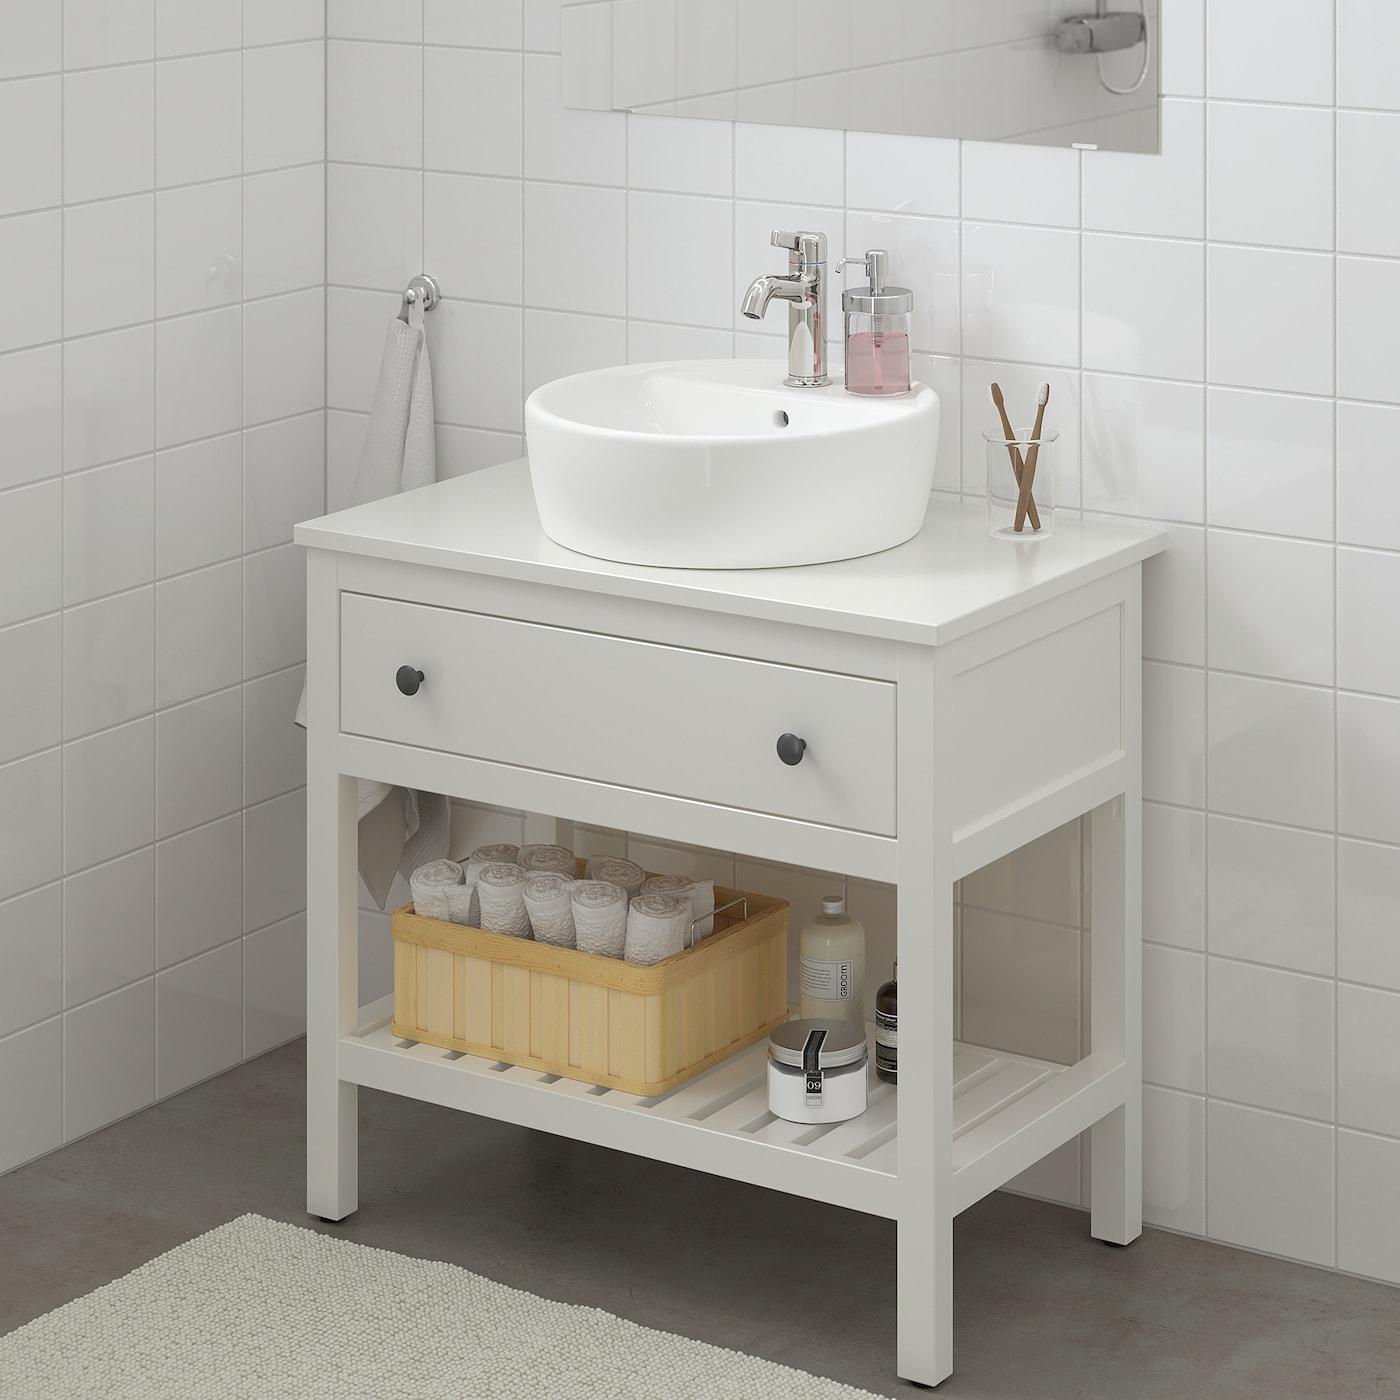 HEMNES 汉尼斯 开放式单屉洗脸池柜, 白色, 82x48x76 厘米